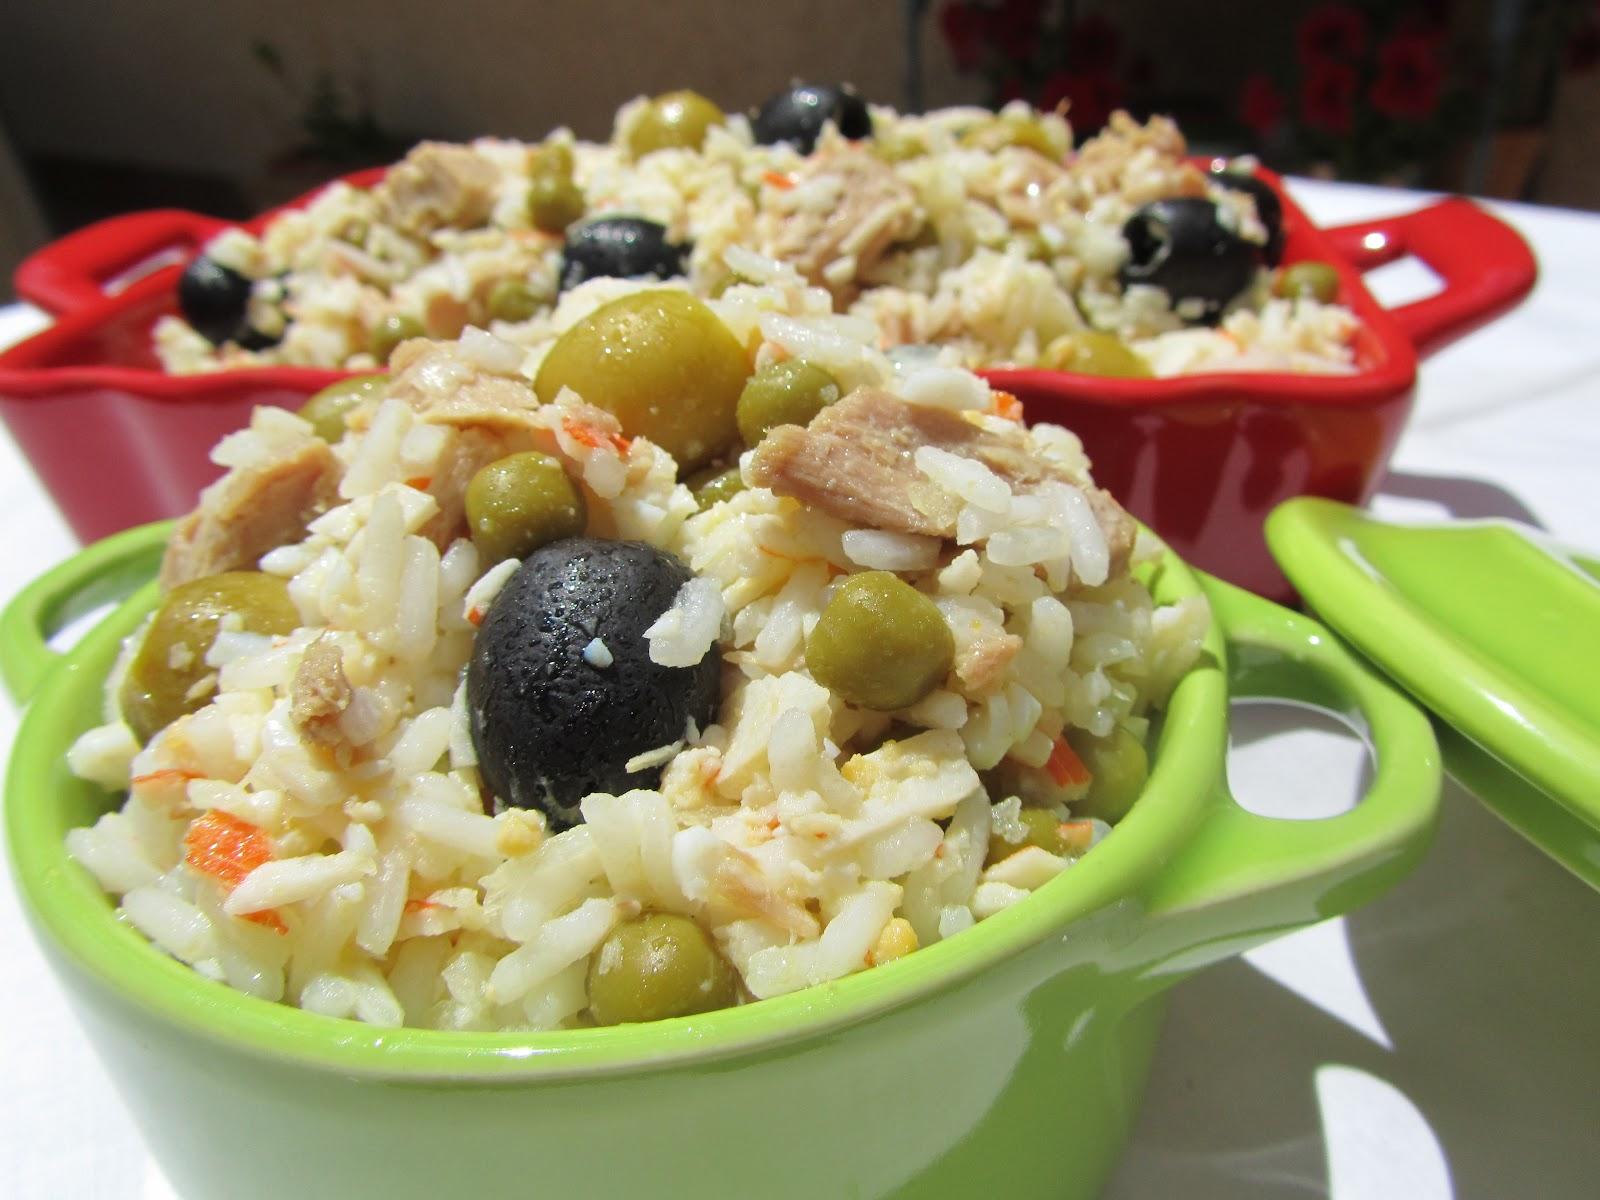 Ensalada de arroz thermomix - Ensalada de arroz y atun ...